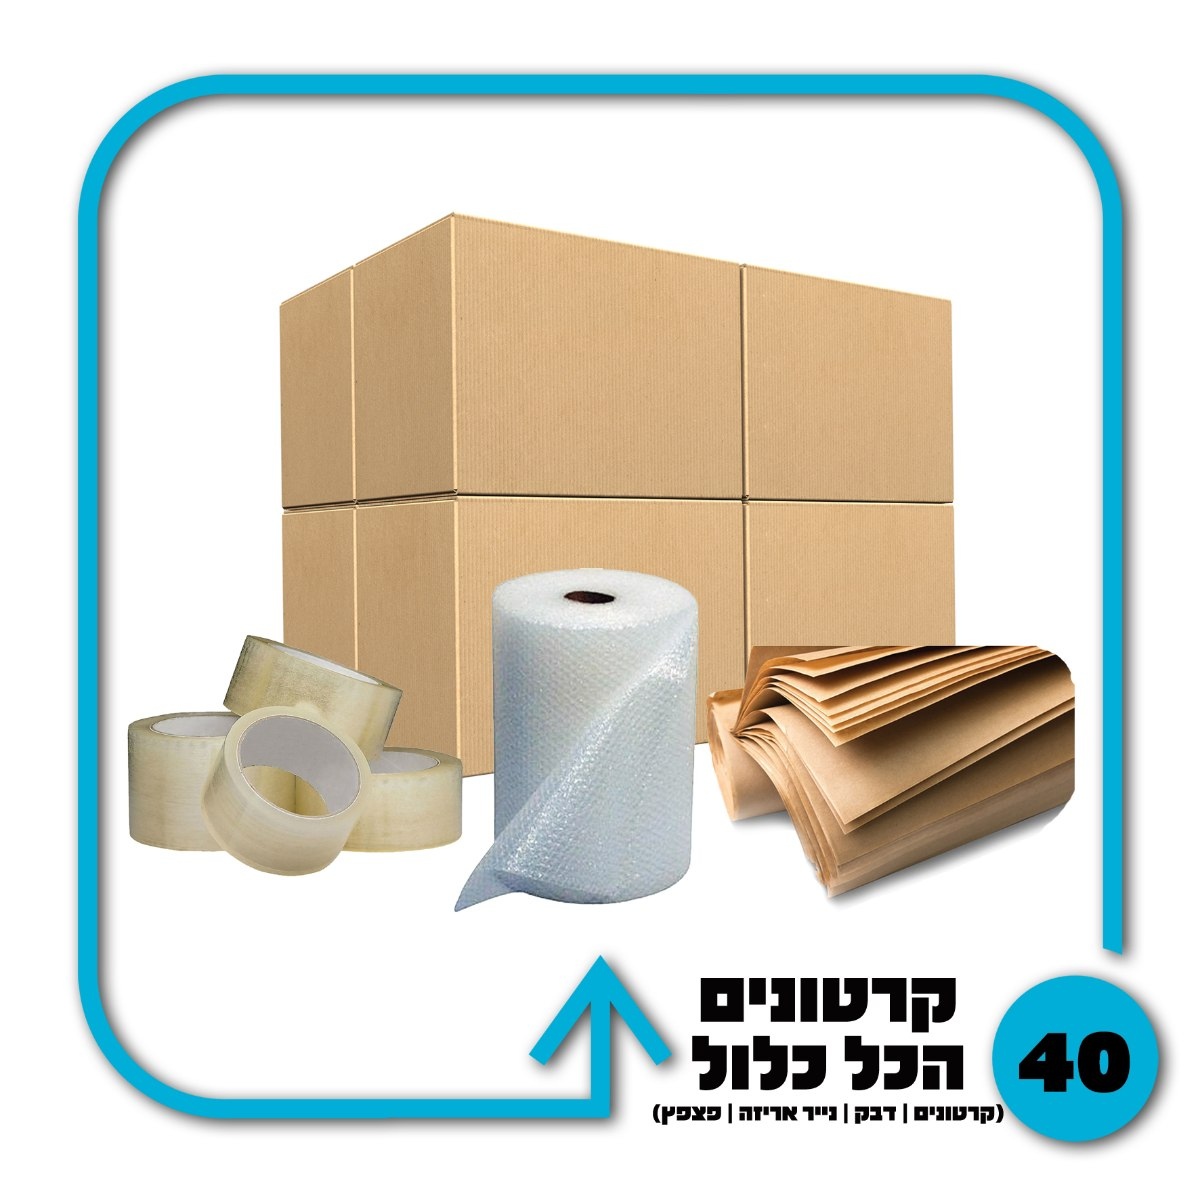 חבילת חומרי אריזה + 40 קרטונים - 2.5 חדרים